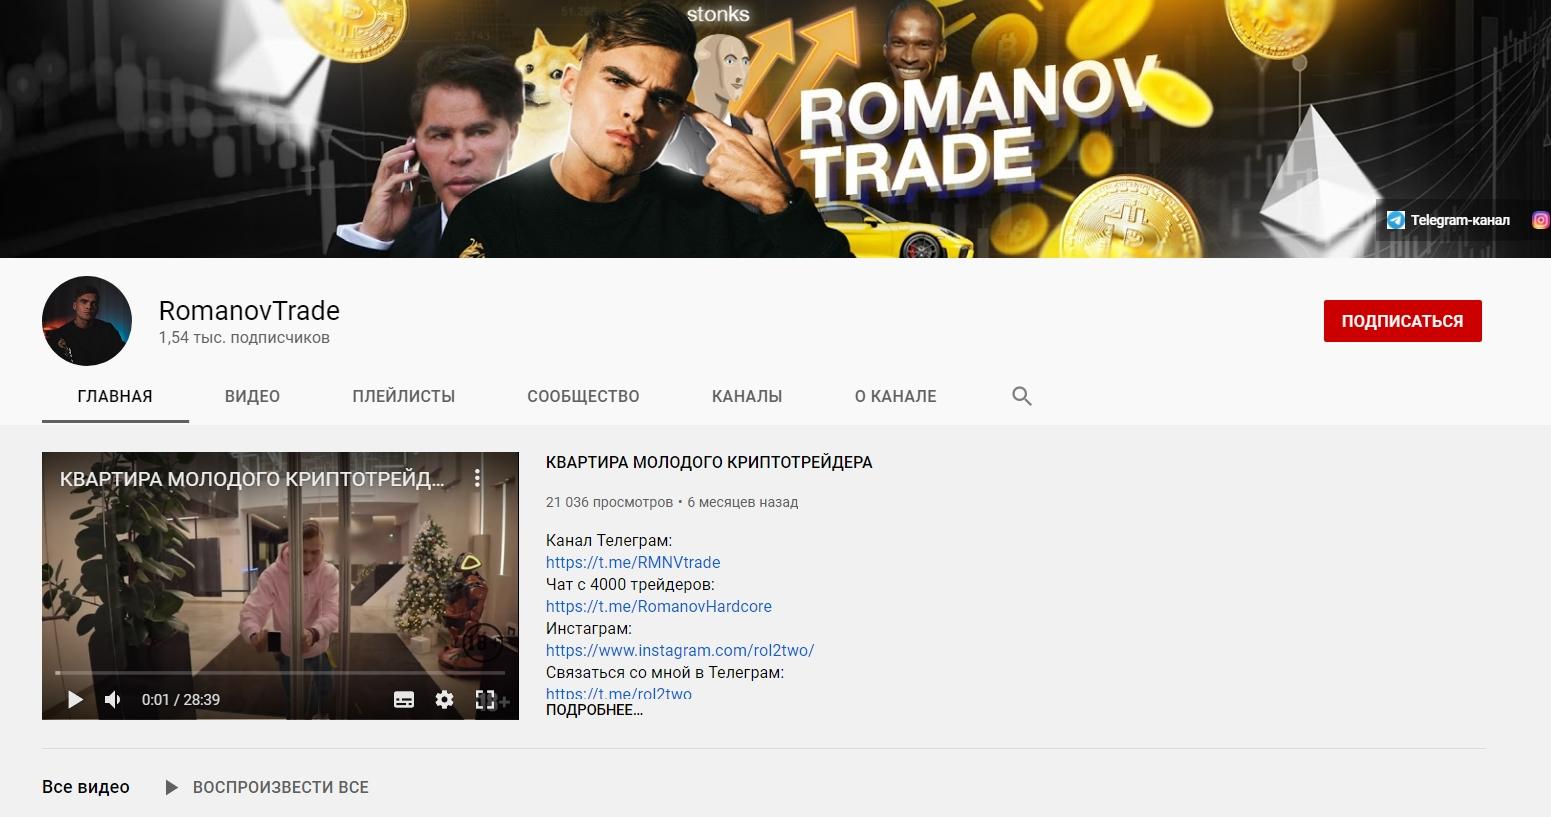 Ютуб-канал Romanov Trade